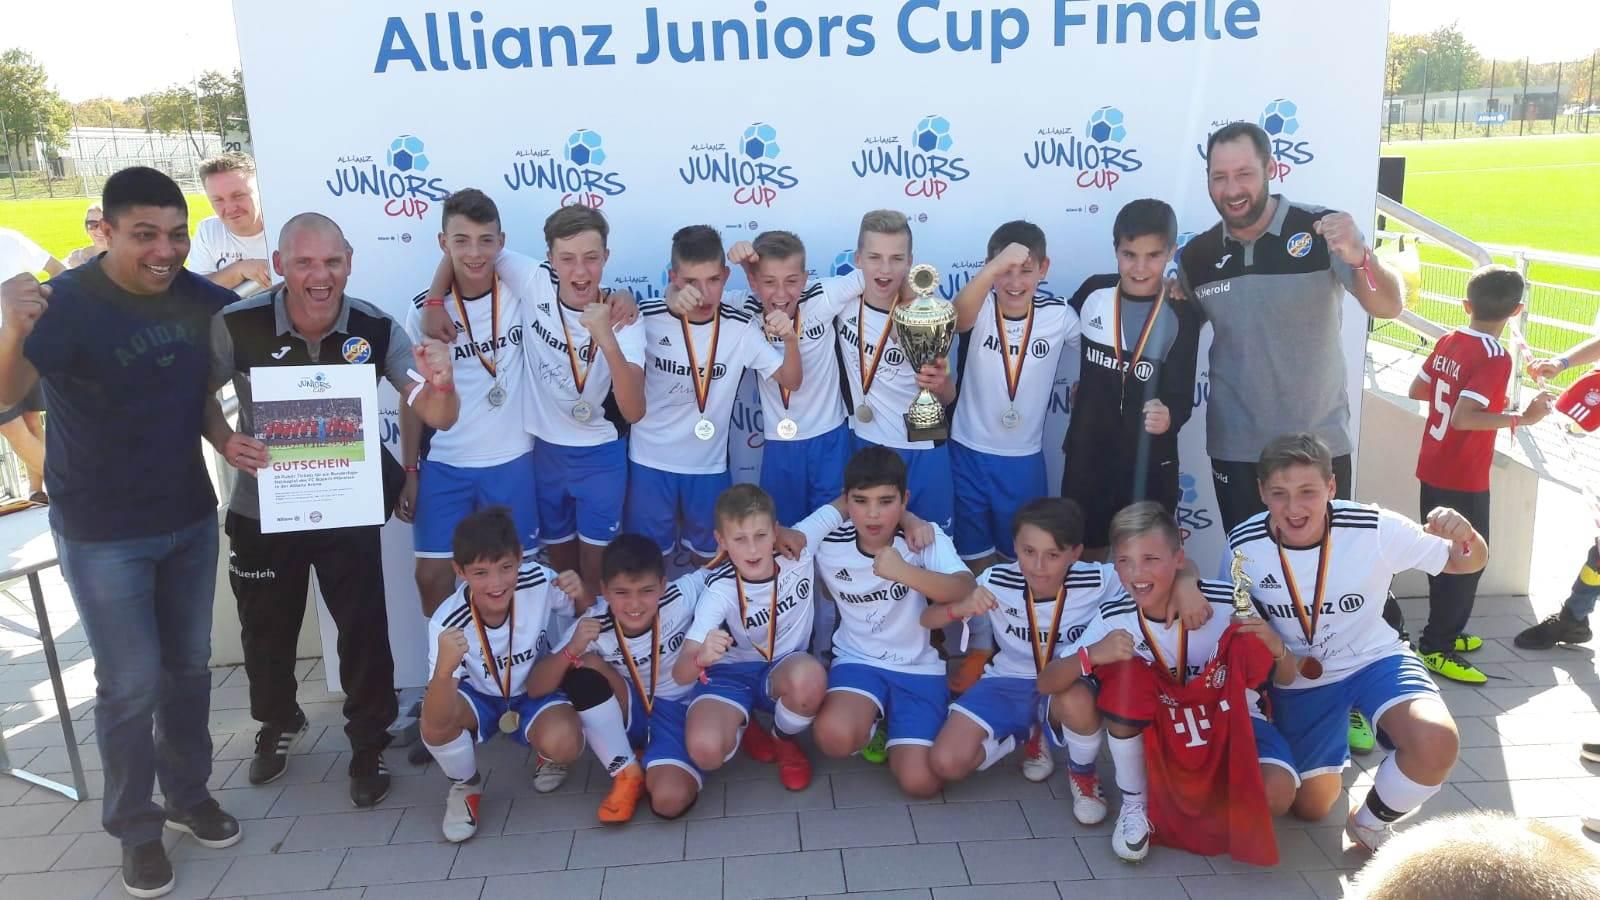 D1-Junioren gewinnen Allianz Juniors Cup